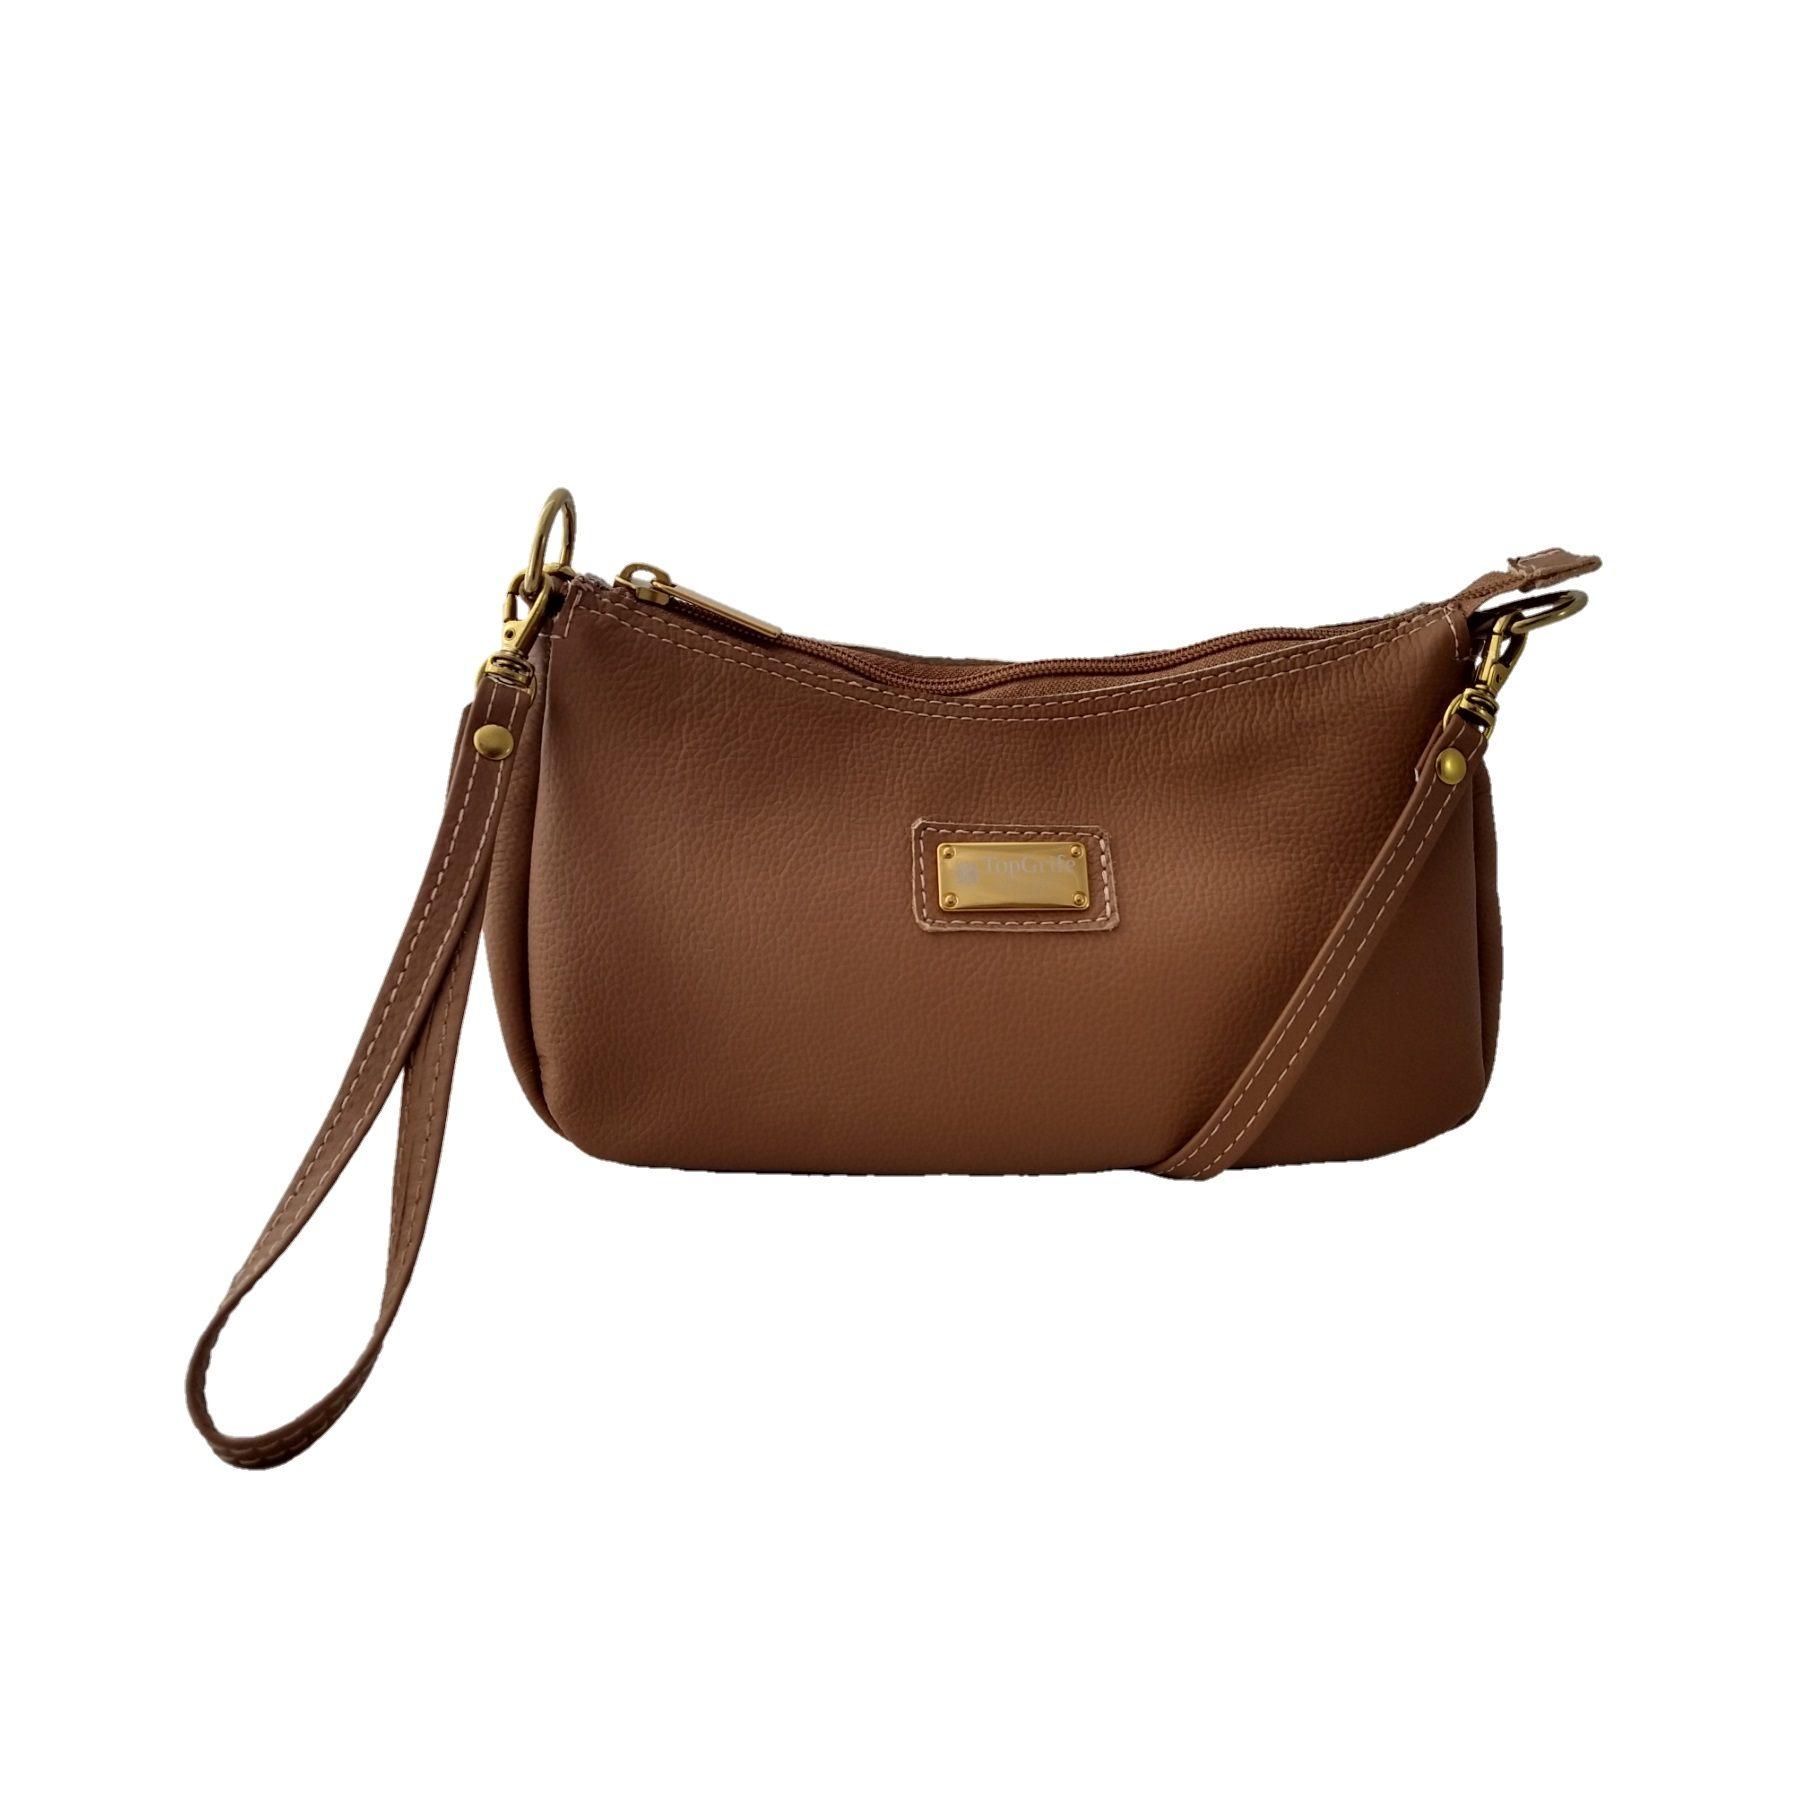 Bolsa Carteira Clutch TopGrife Transversal Couro Caramelo  - SAPATOWEB.COM